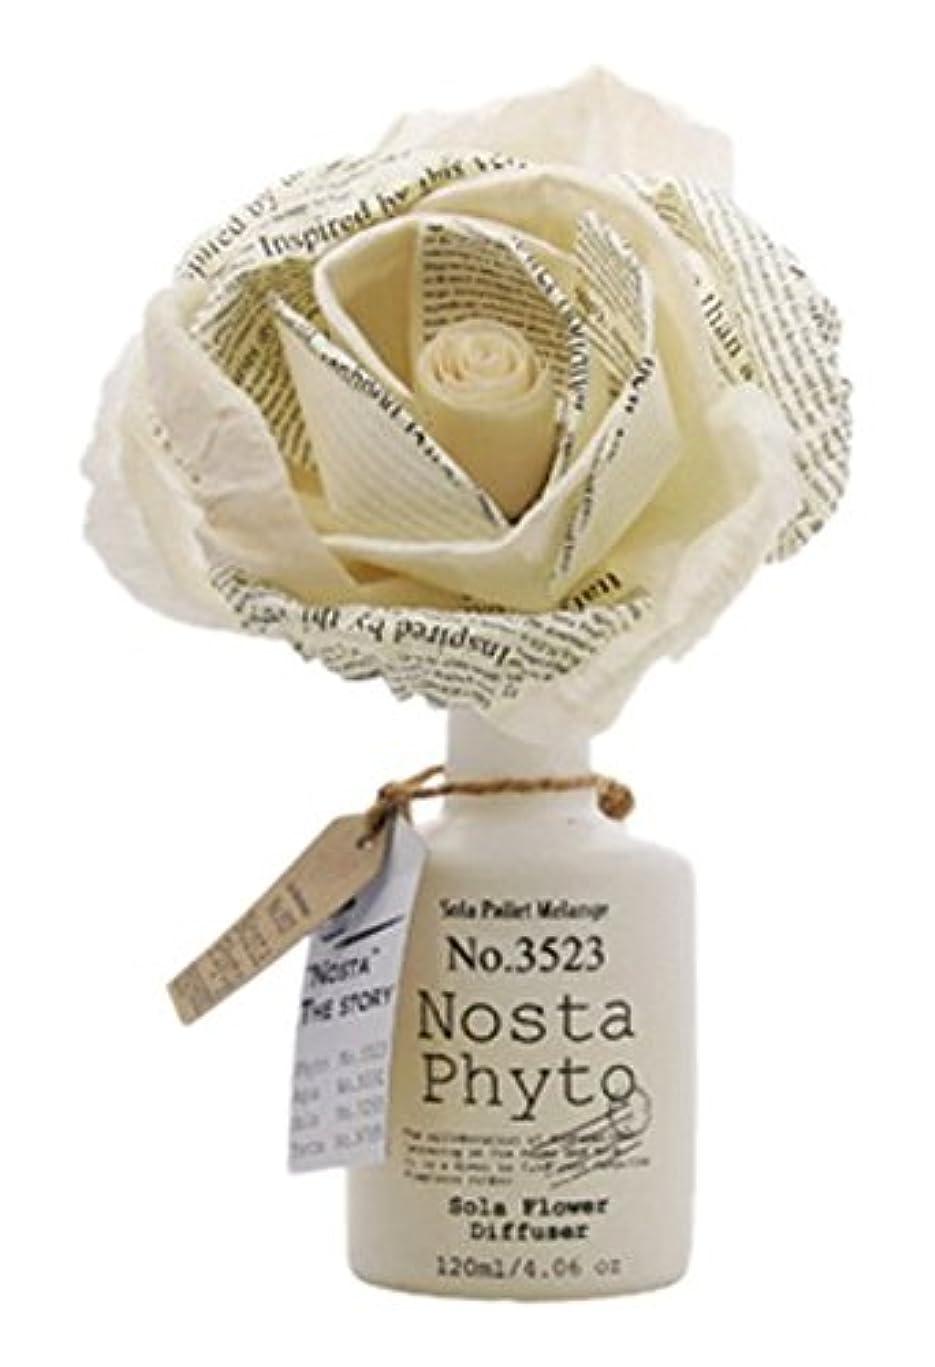 突破口ビル解き明かすNosta ノスタ Solaflower Diffuser ソラフラワーディフューザー phyto フィト / 植物